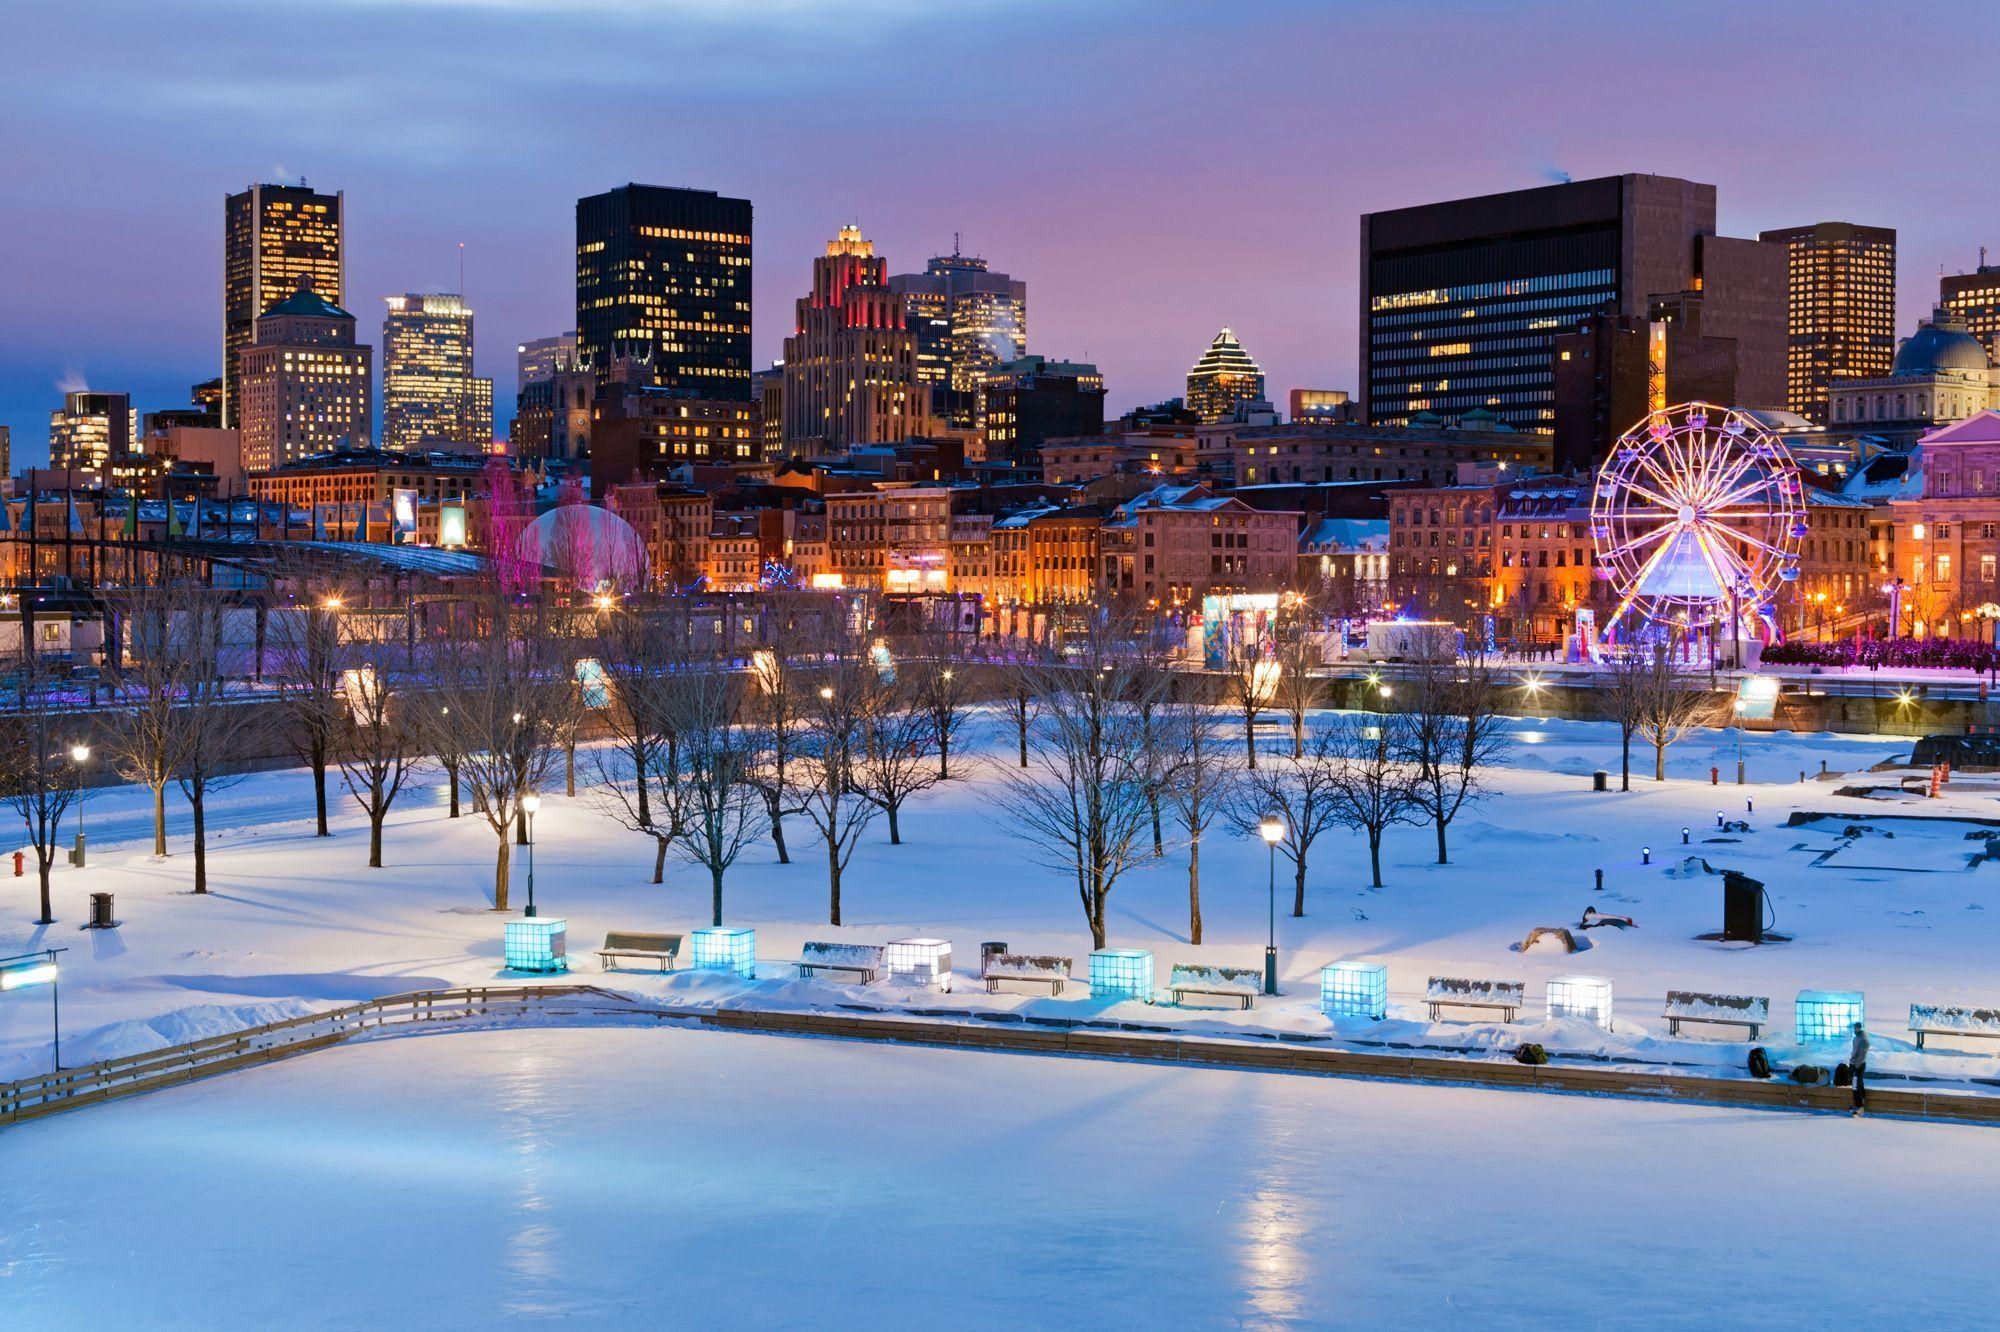 Les 10 Meilleures Choses à Faire à Montréal En Hiver